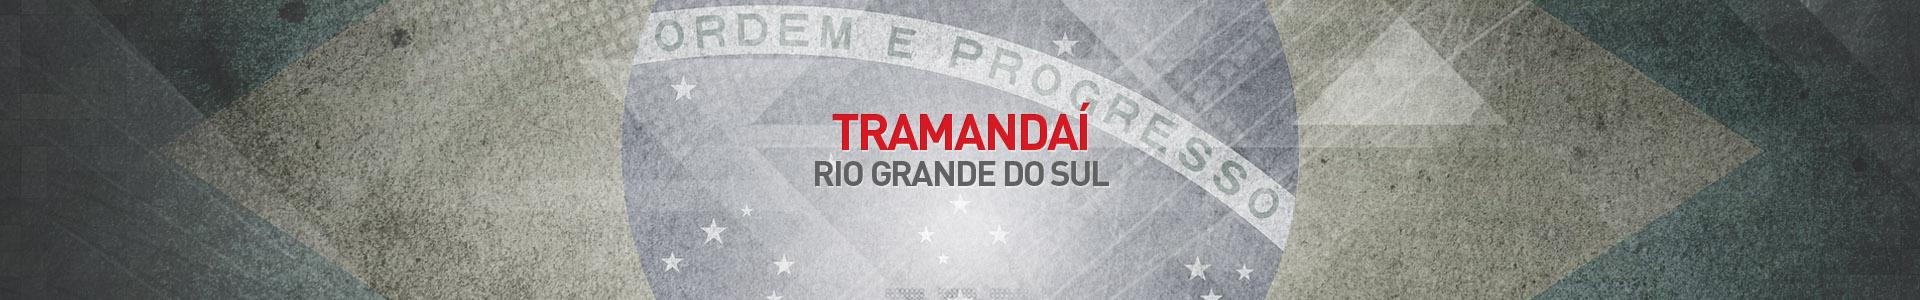 Topo-Cidades-Tramandai-SBA